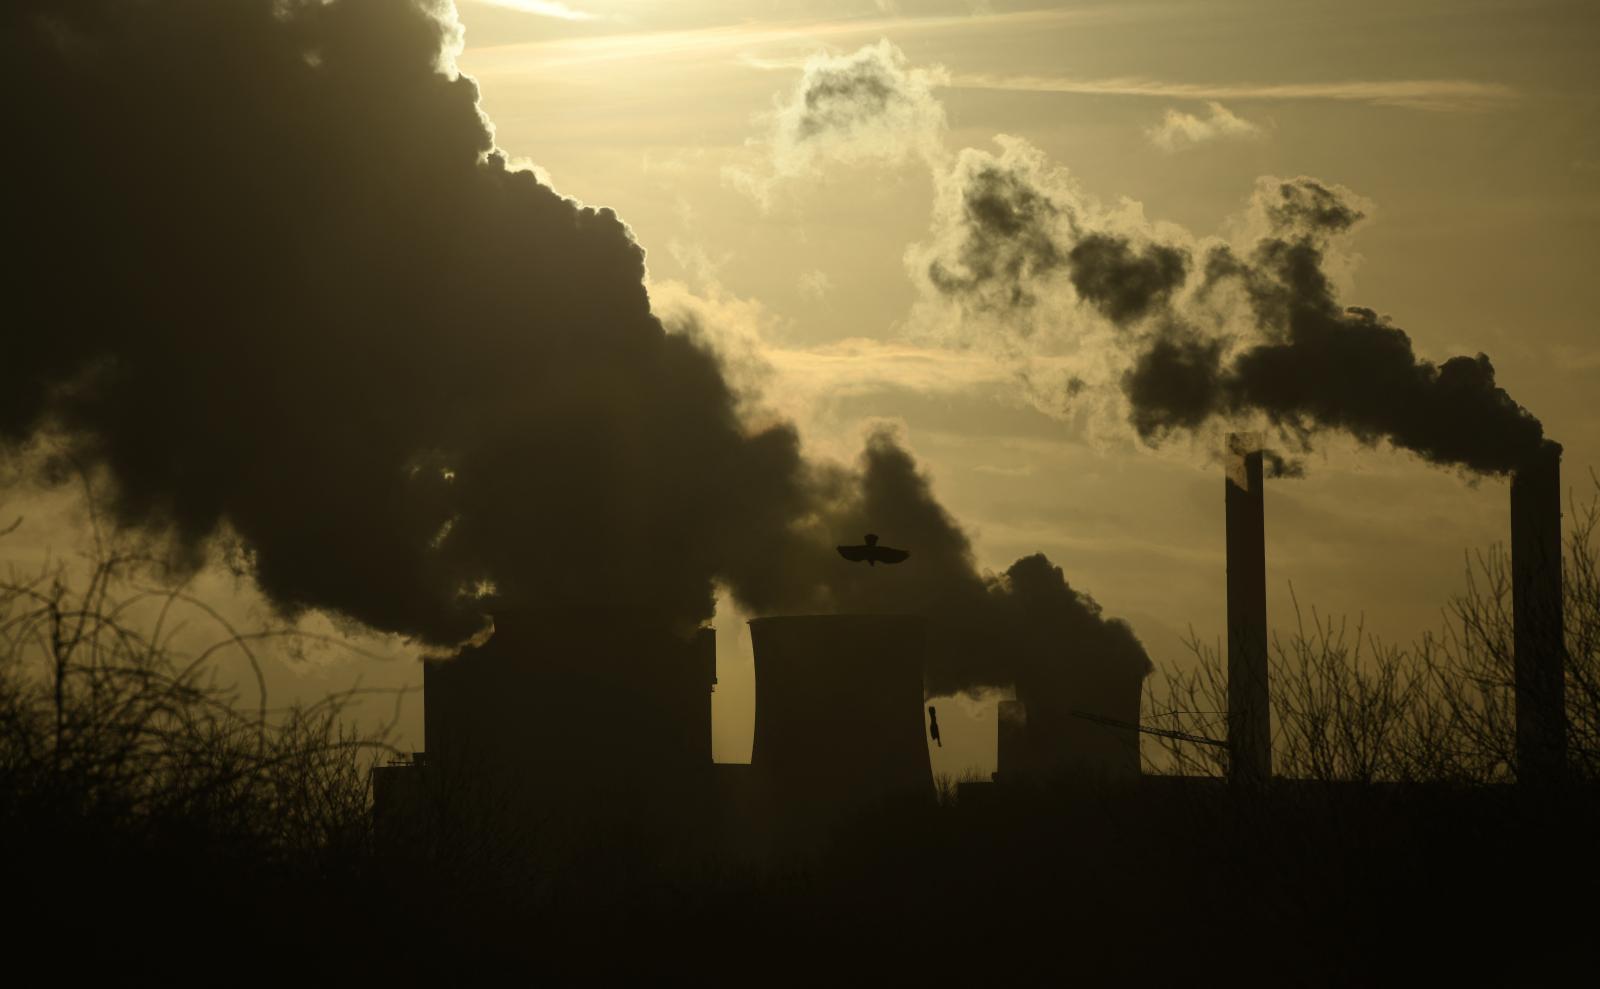 วิกฤตสภาพอากาศอาจบีบให้ 216 ล้านคนทั่วโลกต้องย้ายถิ่นฐานภายในปี 2050